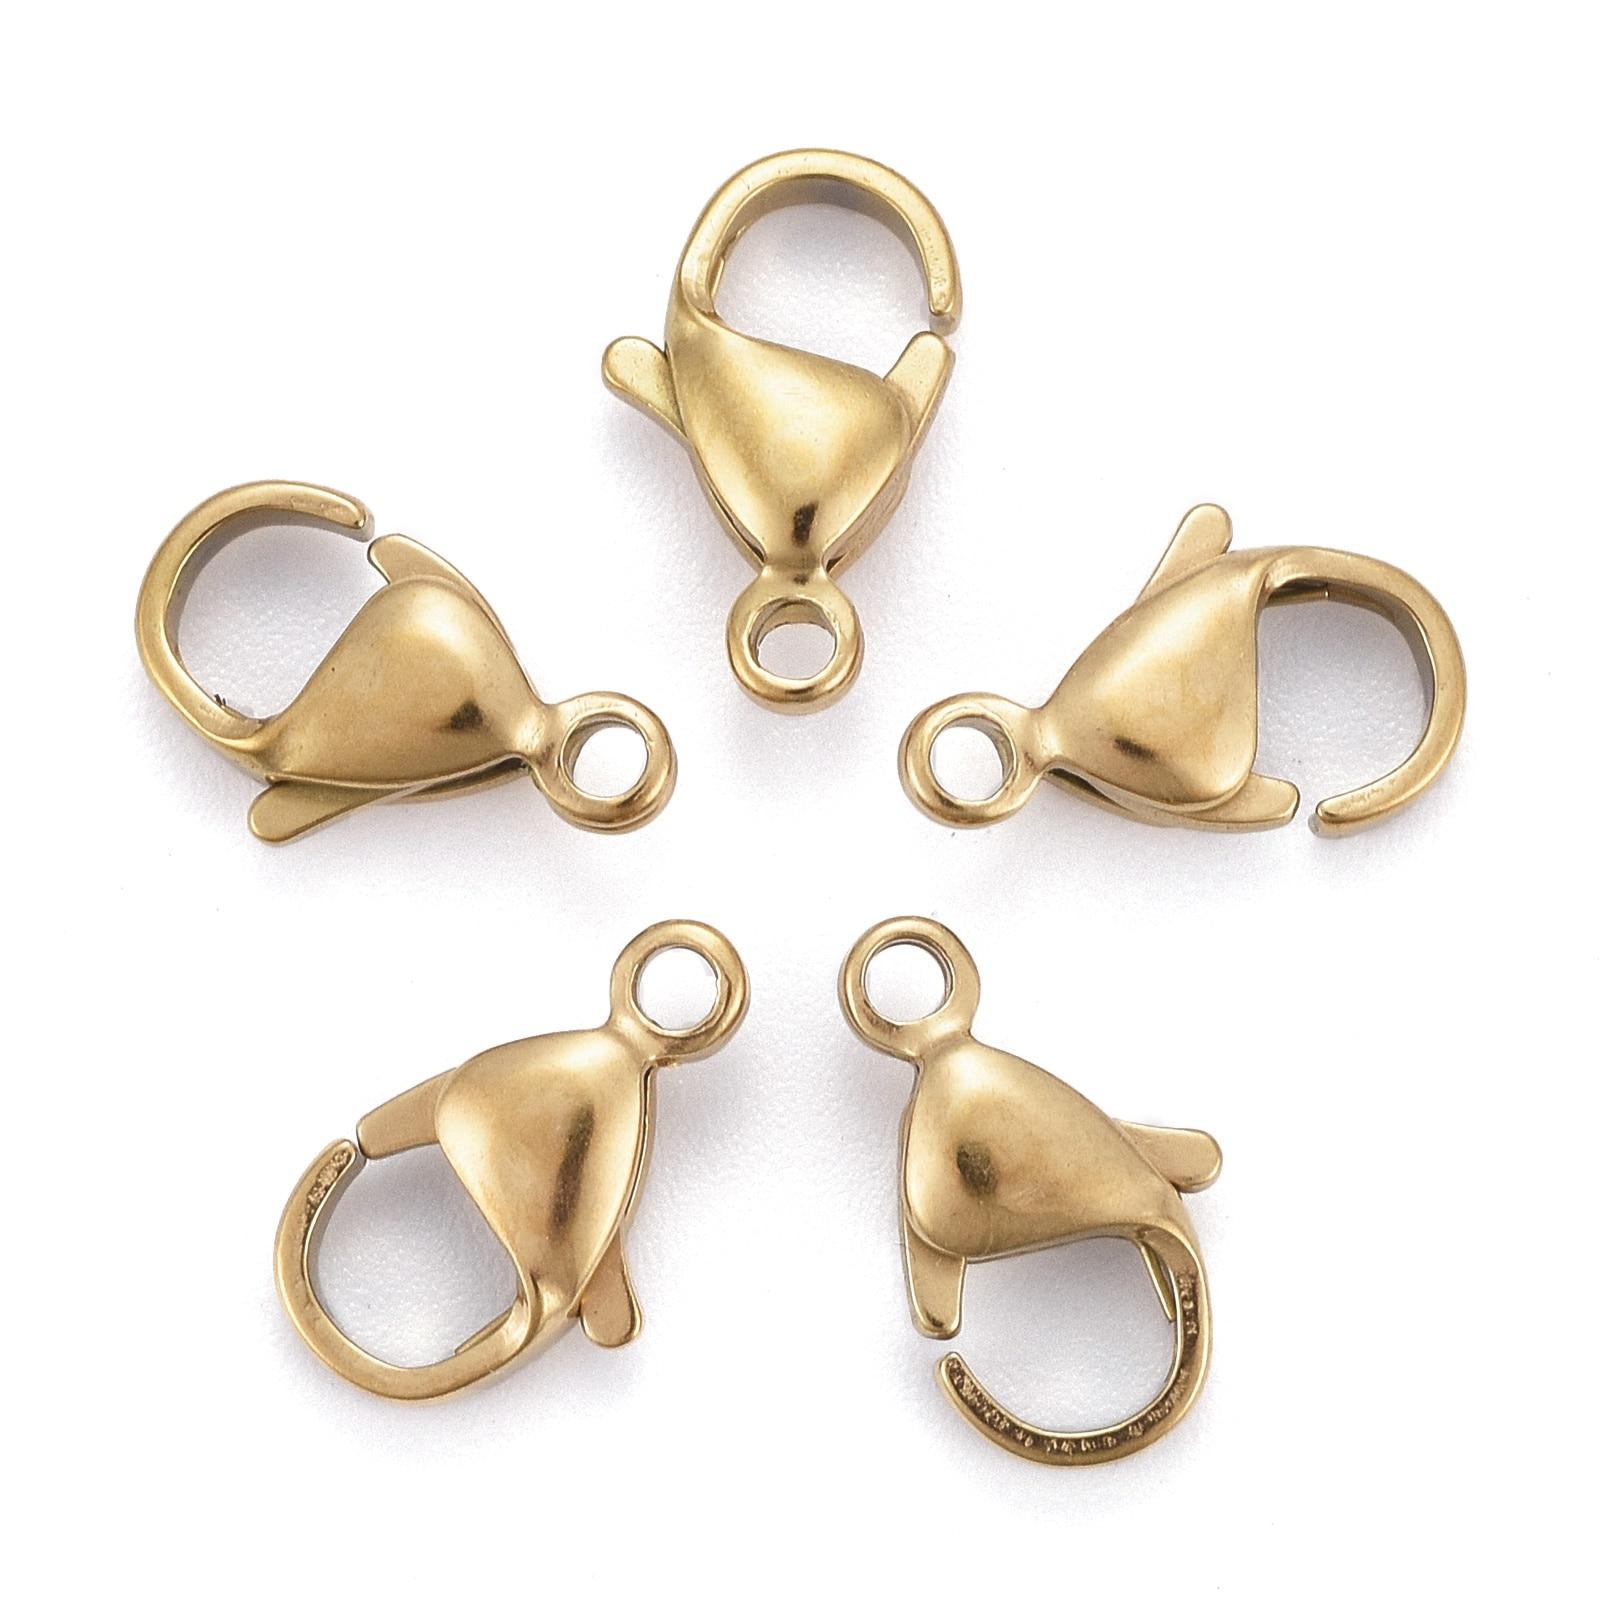 5-шт-лот-застежки-карабины-из-нержавеющей-стали-для-изготовления-ожерелий-браслетов-цепочек-ювелирных-изделий-своими-руками-фурнитура-а